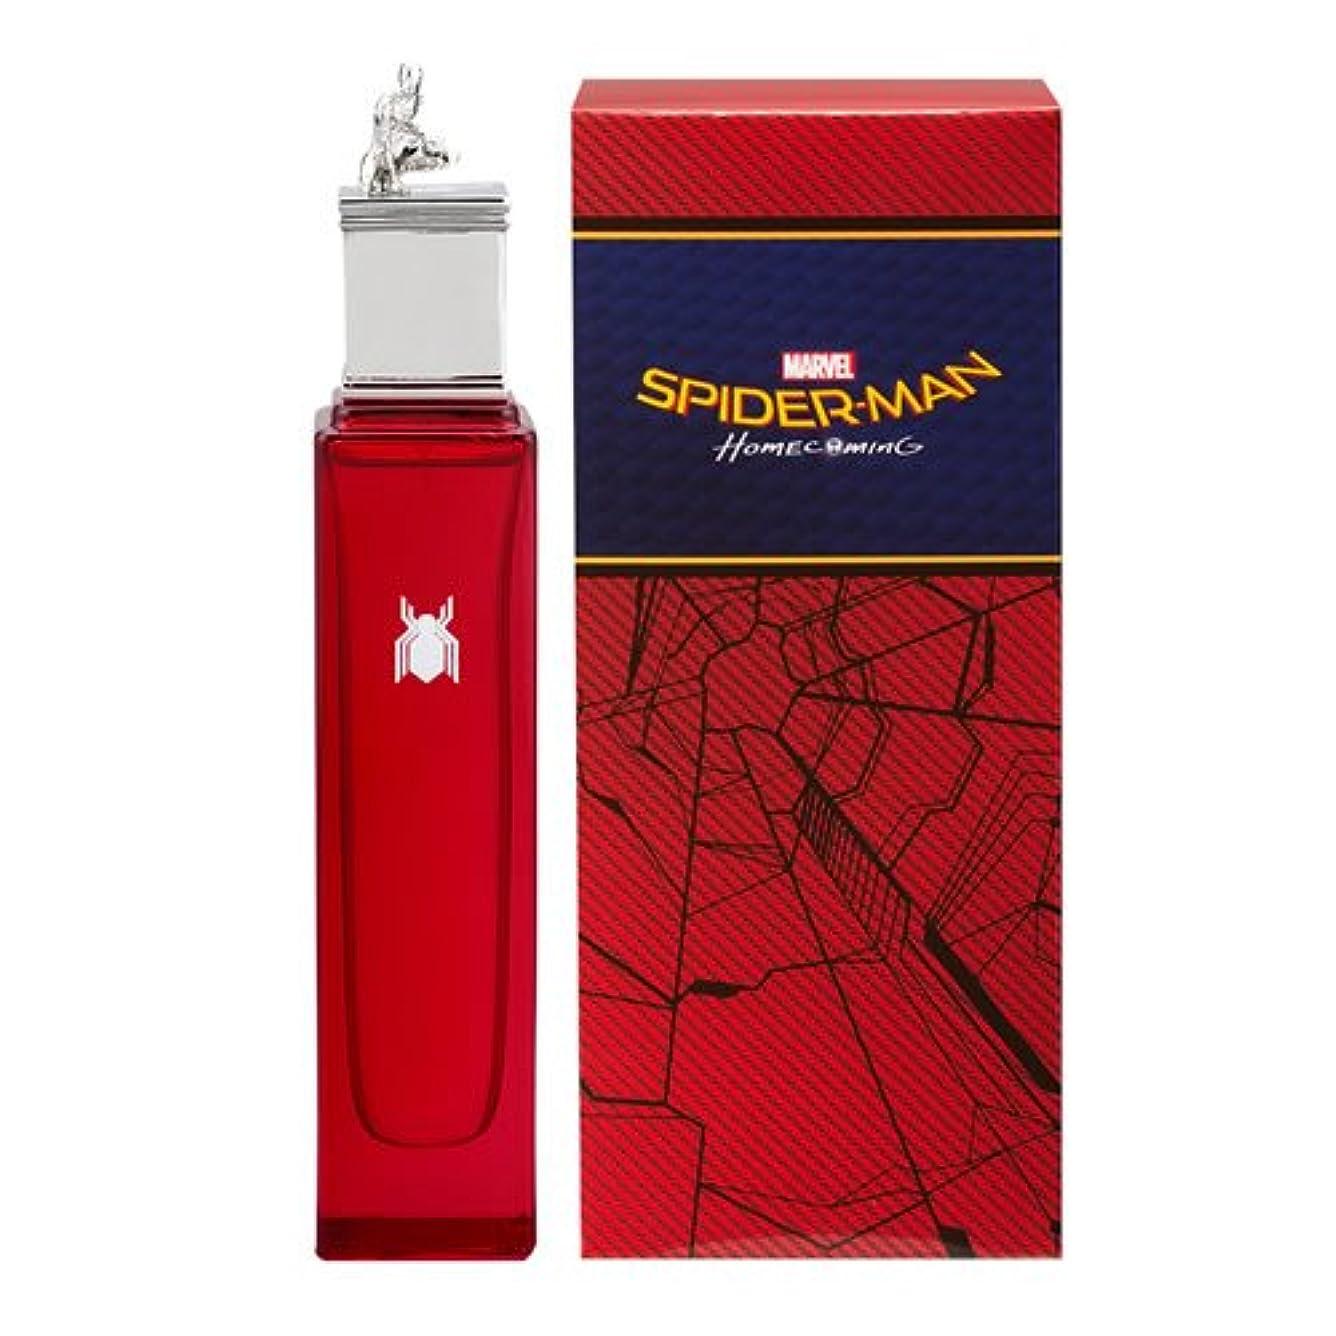 闇気づくなる化学薬品◆【MARVEL】Unisex香水◆トゥーザシーン スパイダーマン オードトワレEDT 50ml◆